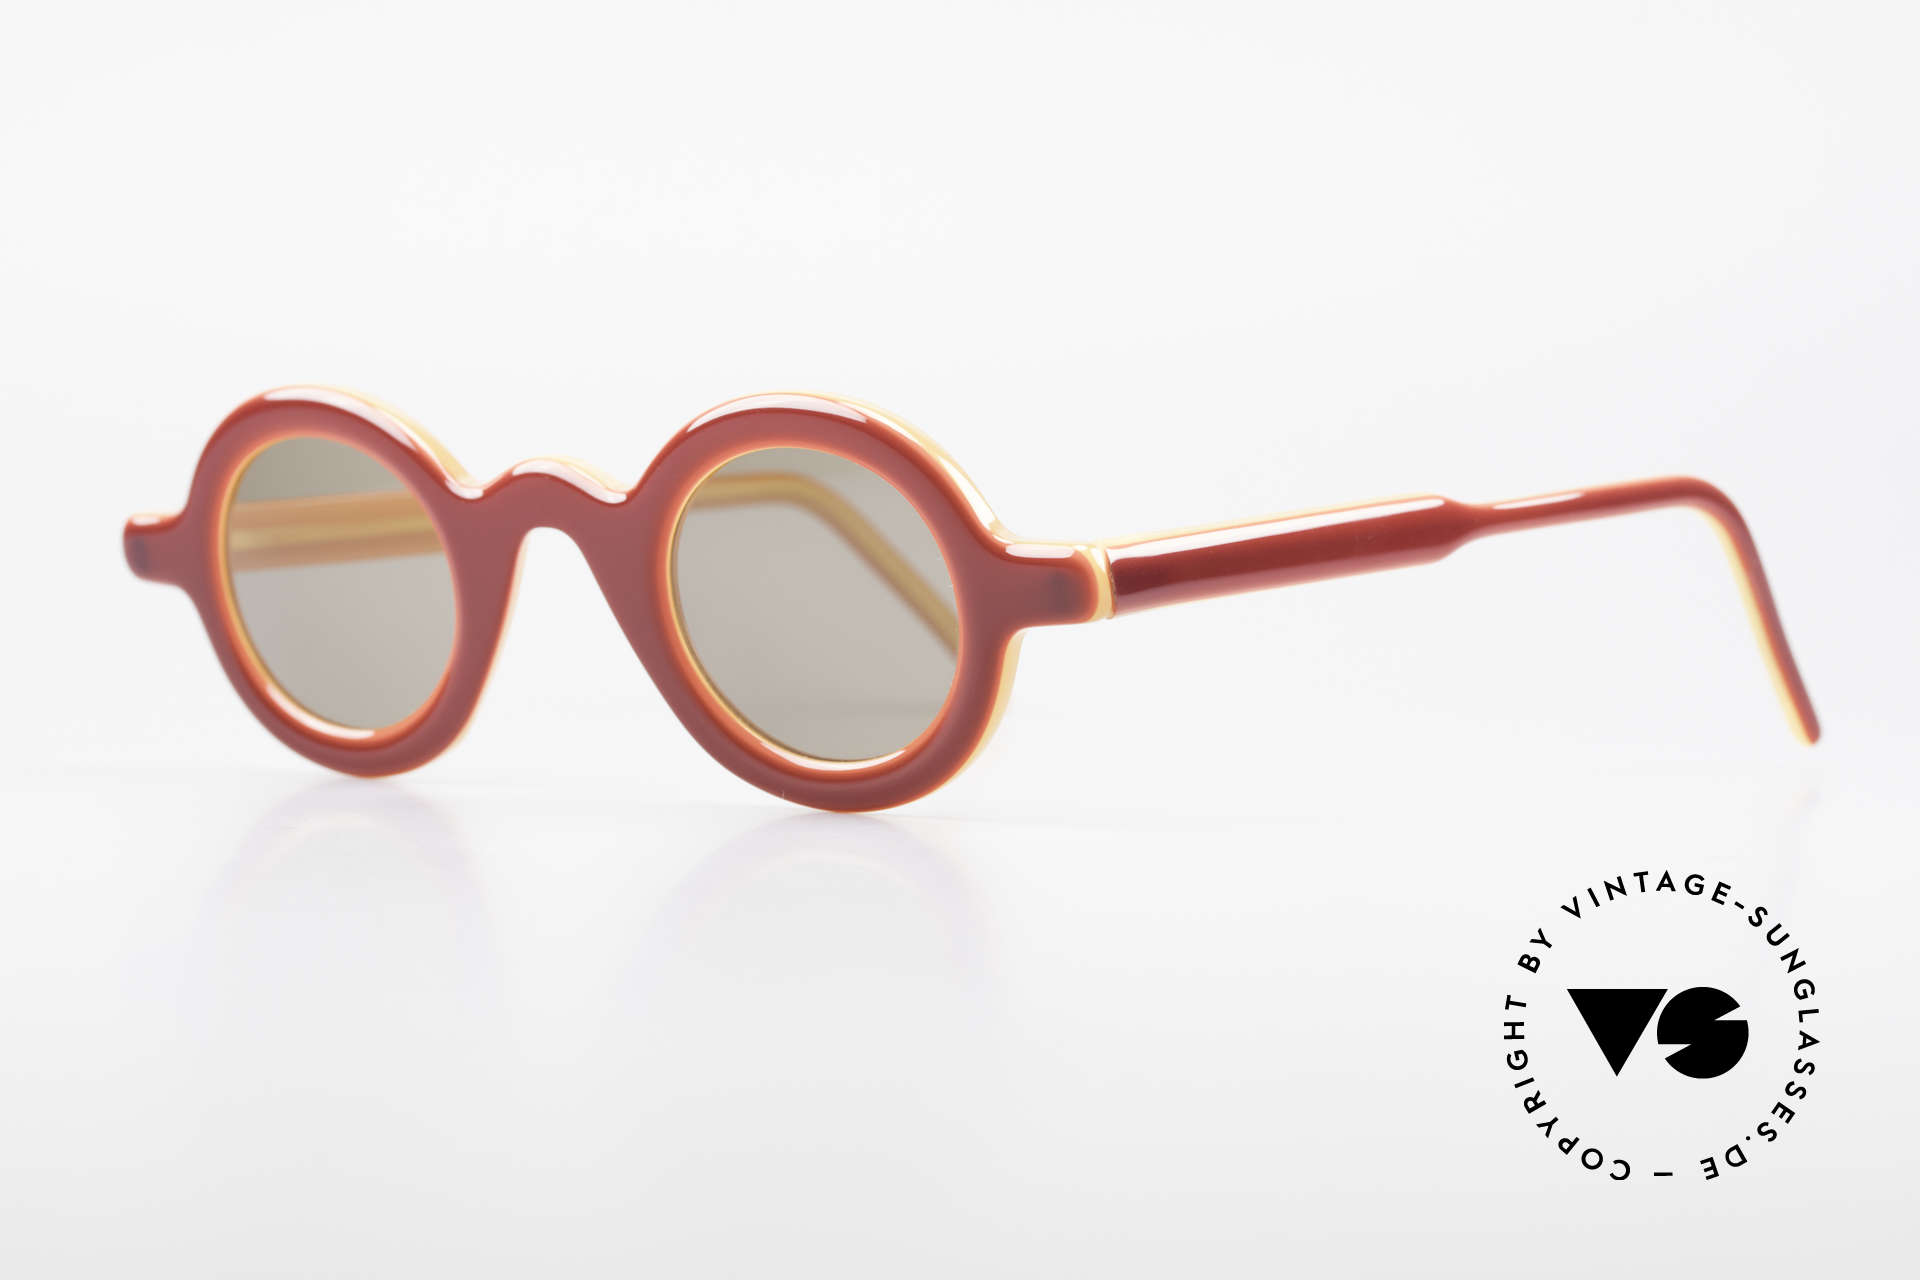 Theo Belgium Model 88 Satisfashion by Theo Belgium, farbenfrohe vintage Sonnenbrille in jeglicher Hinsicht, Passend für Herren und Damen